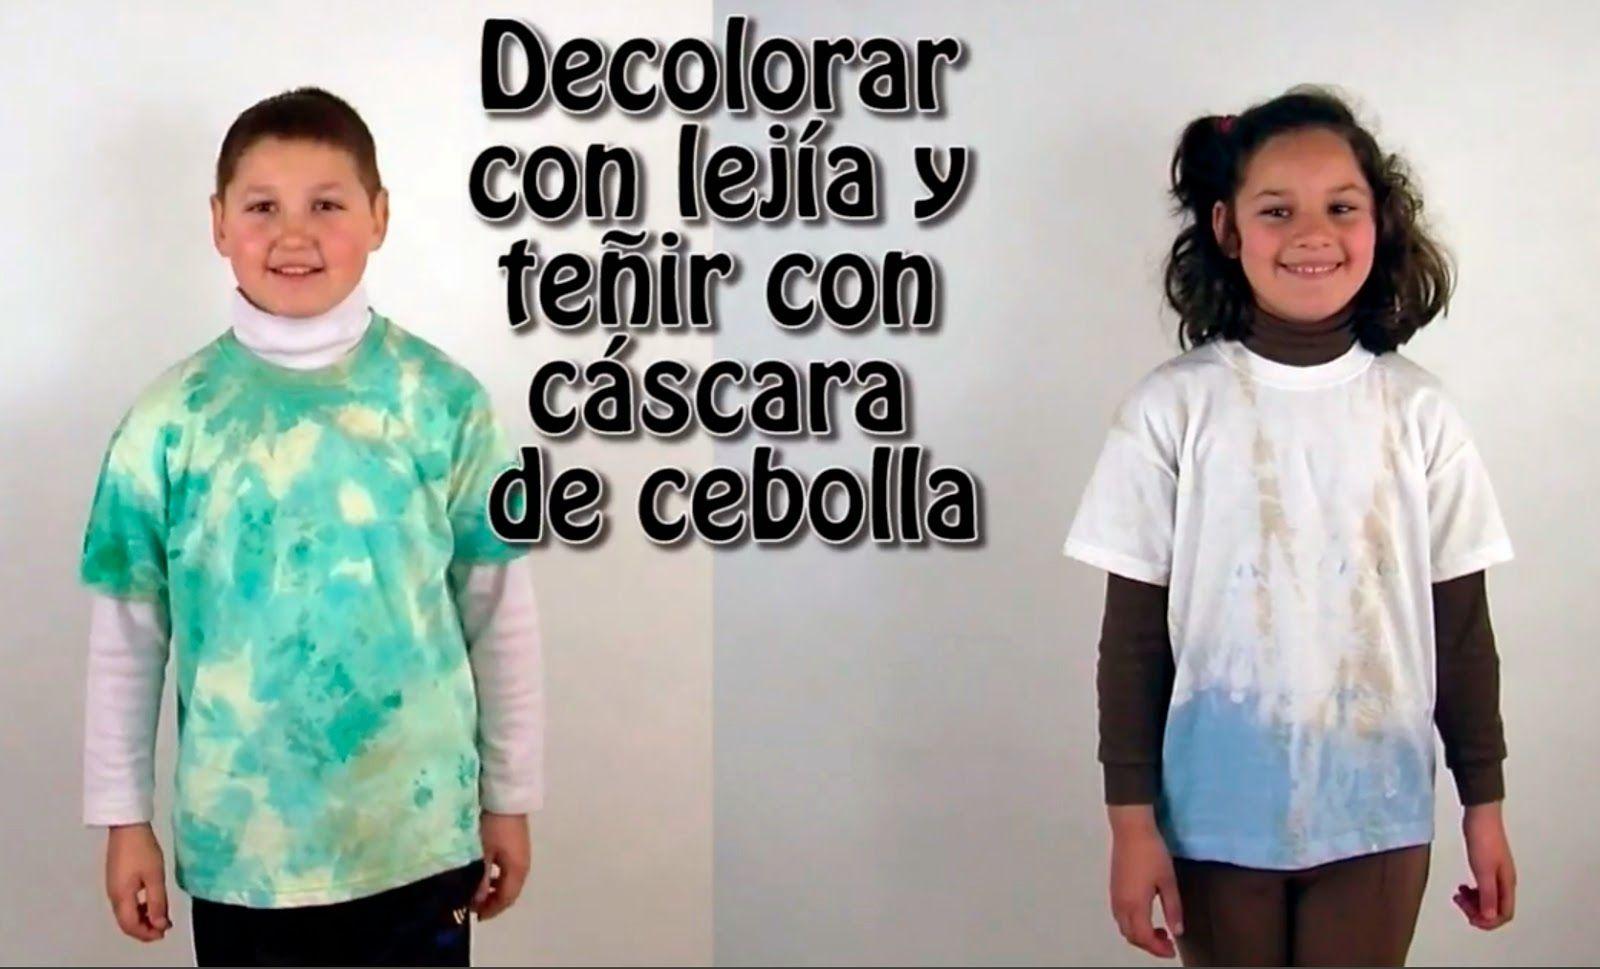 Decolorar Prendas Con Lejía Y Teñirlas Con Cáscara De Cebolla Creatividad Lejía Cebolla